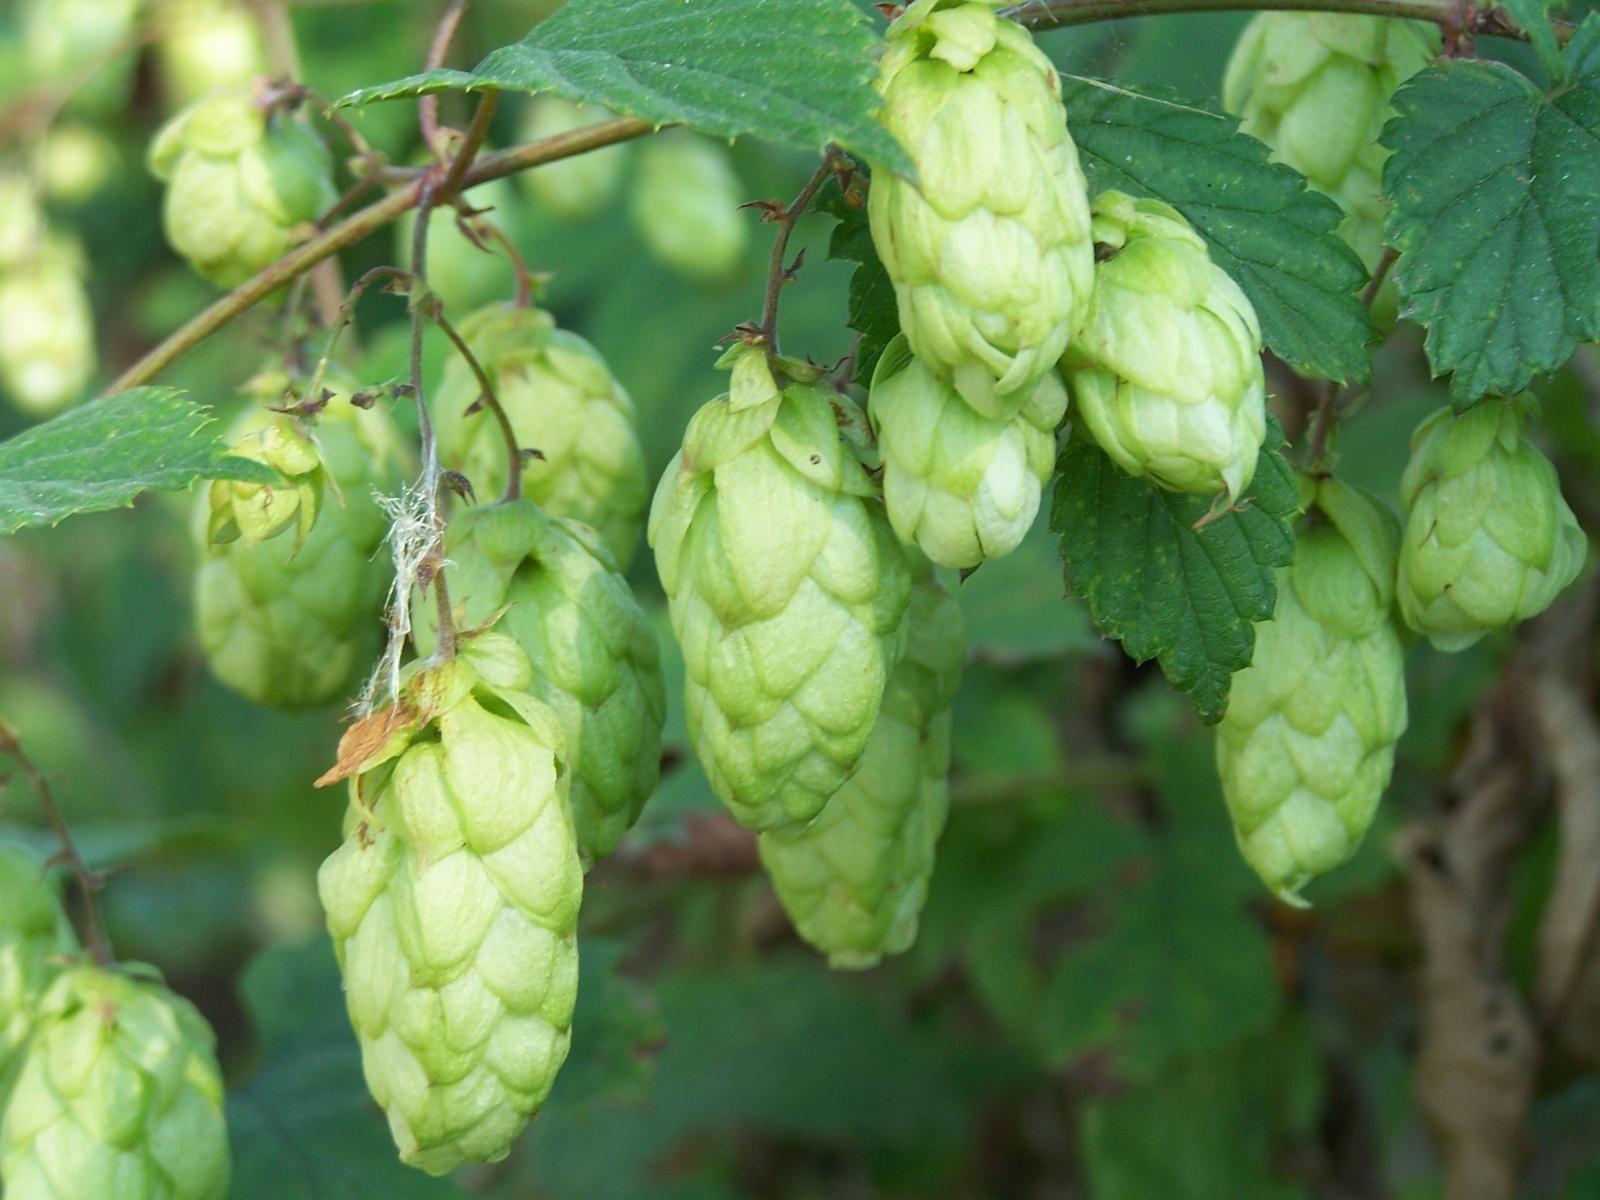 Zwiększenie puli środków ochrony roślin dla chmielu